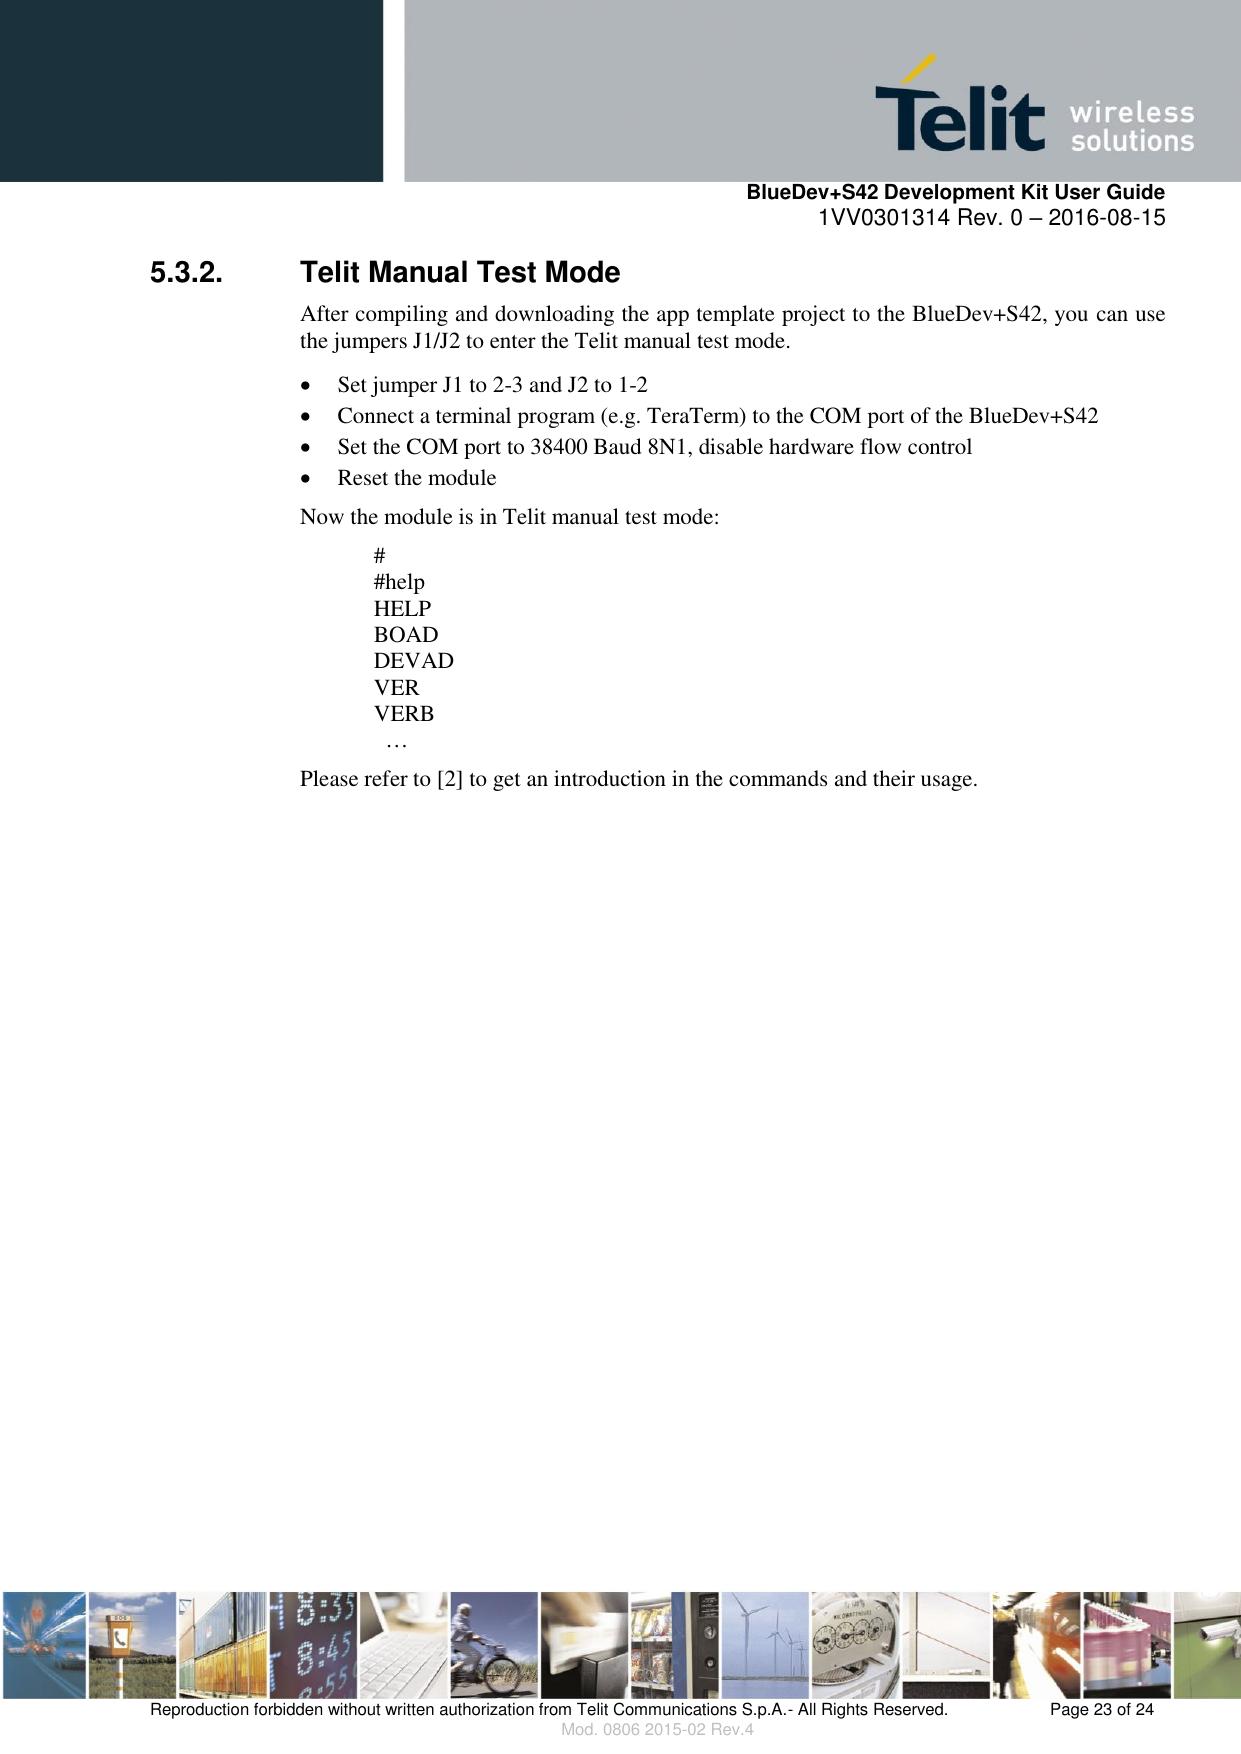 Development Kit User Guide Blue Dev+S42 R0